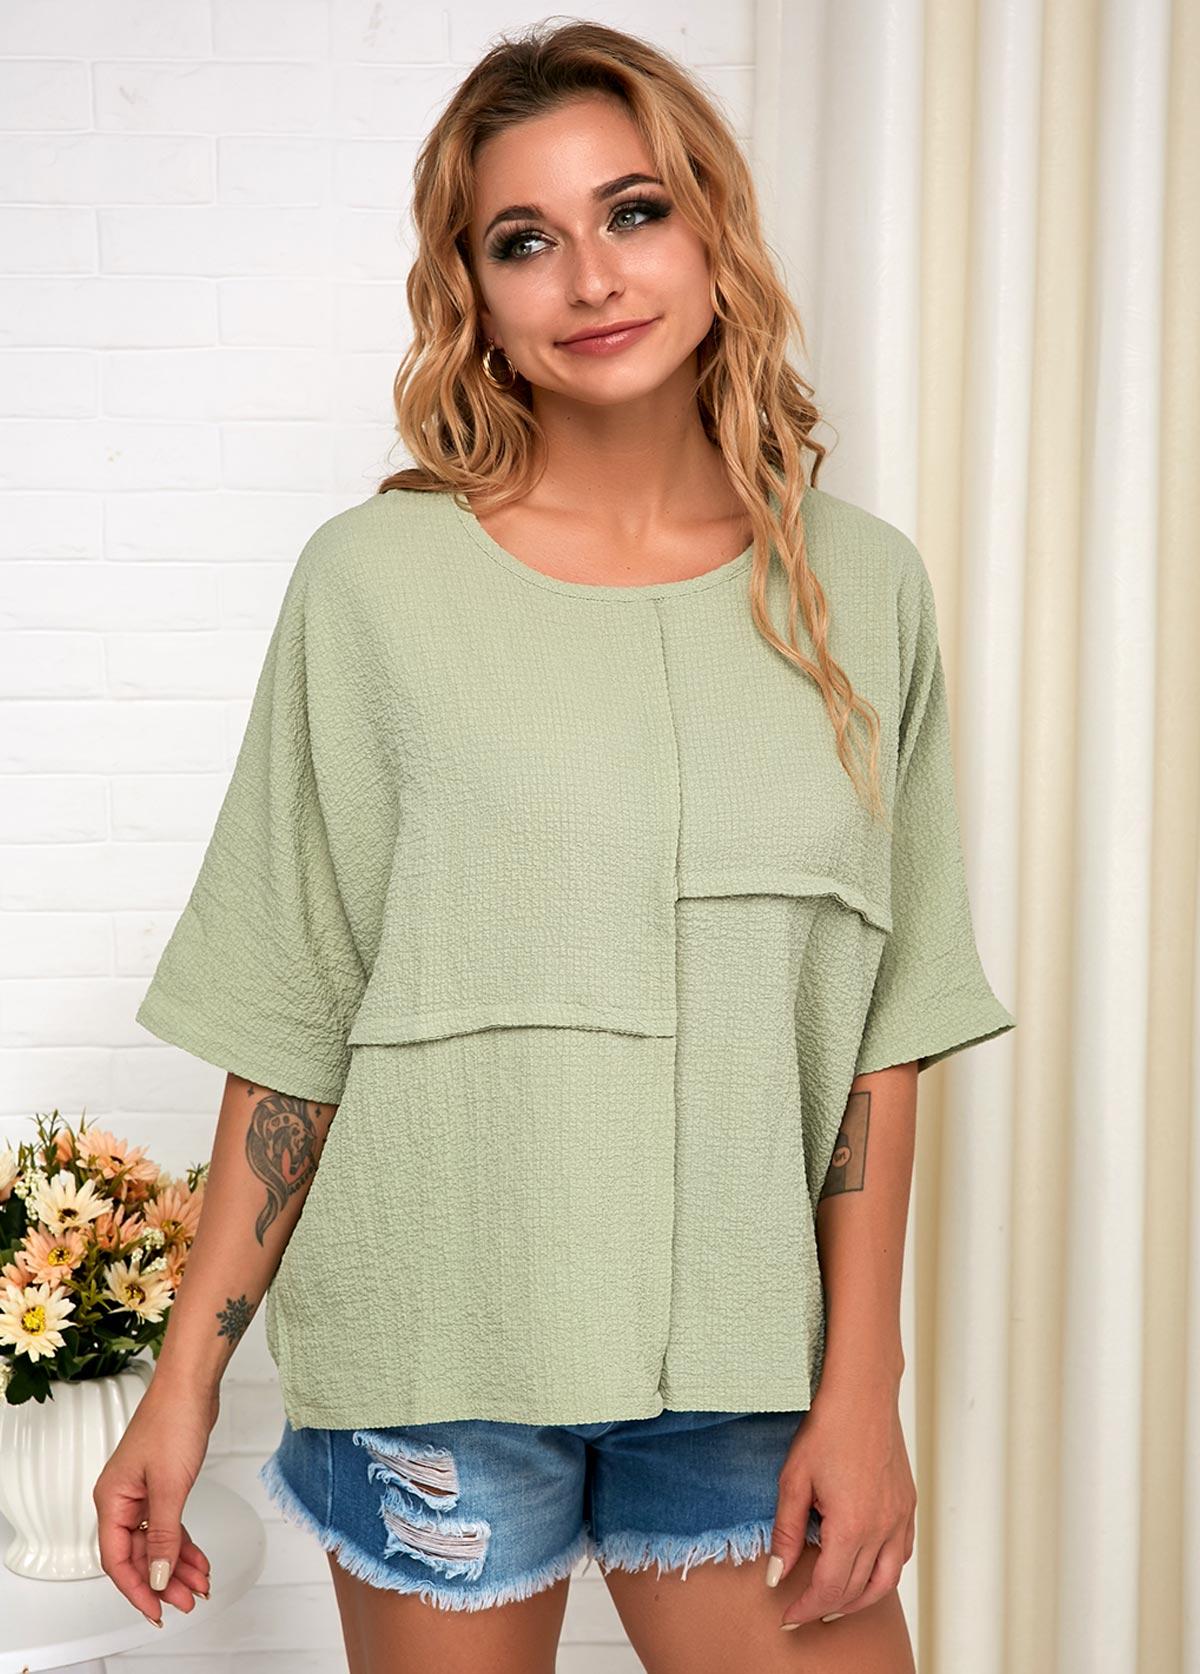 Soft Light Green Short Sleeve T Shirt